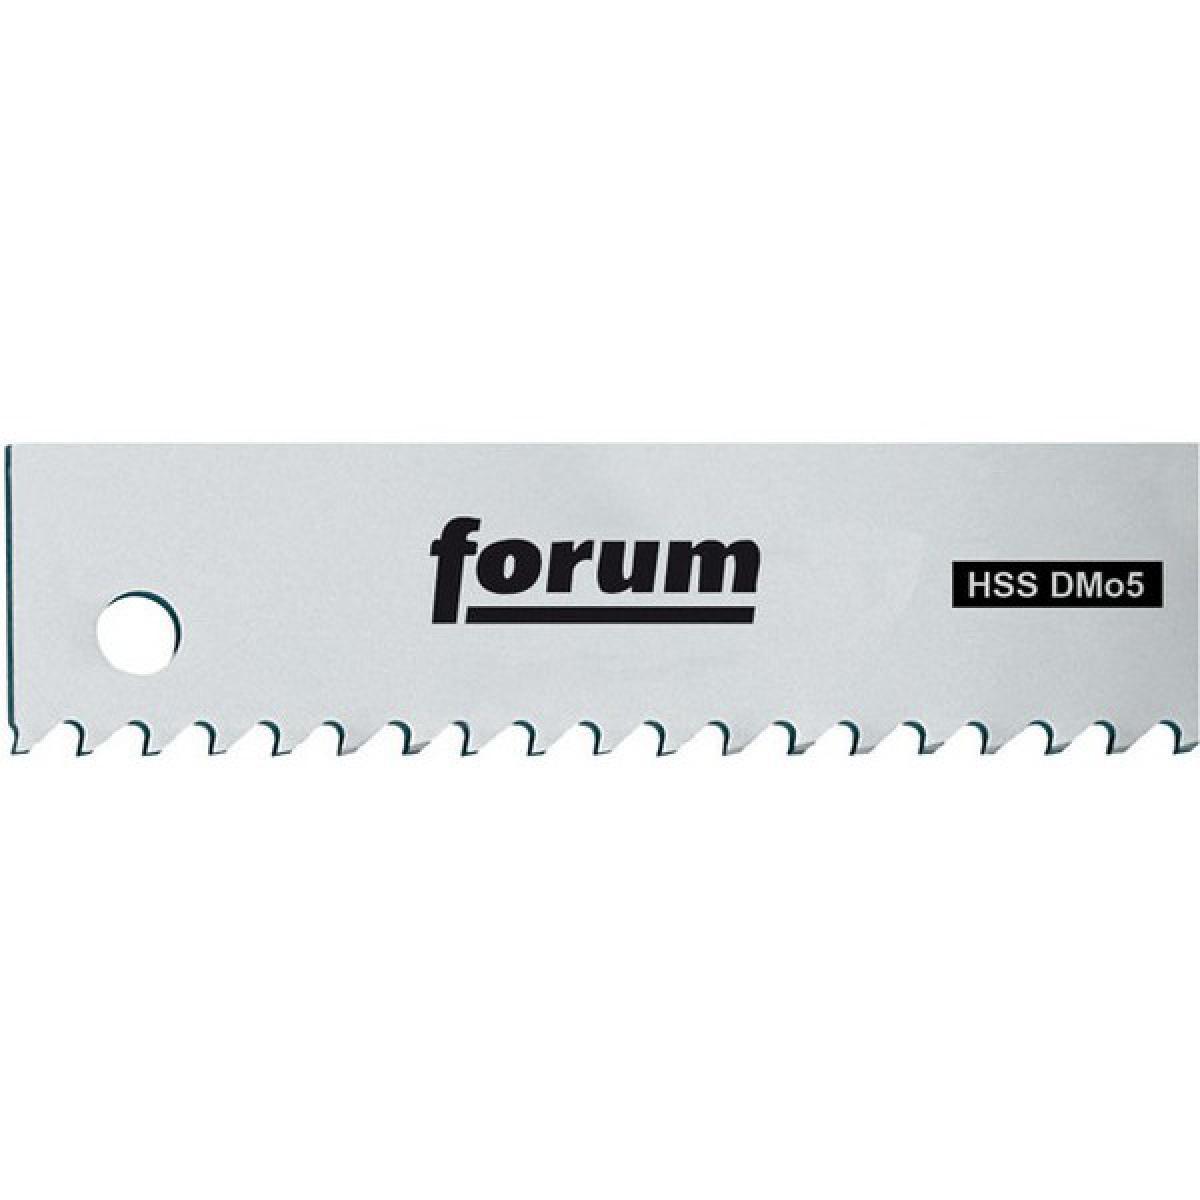 Forum Lame de scie alternative, Long. : 650 mm, Larg. : 50 mm, Épais. : 2,5 mm, Dents par pouce : 4